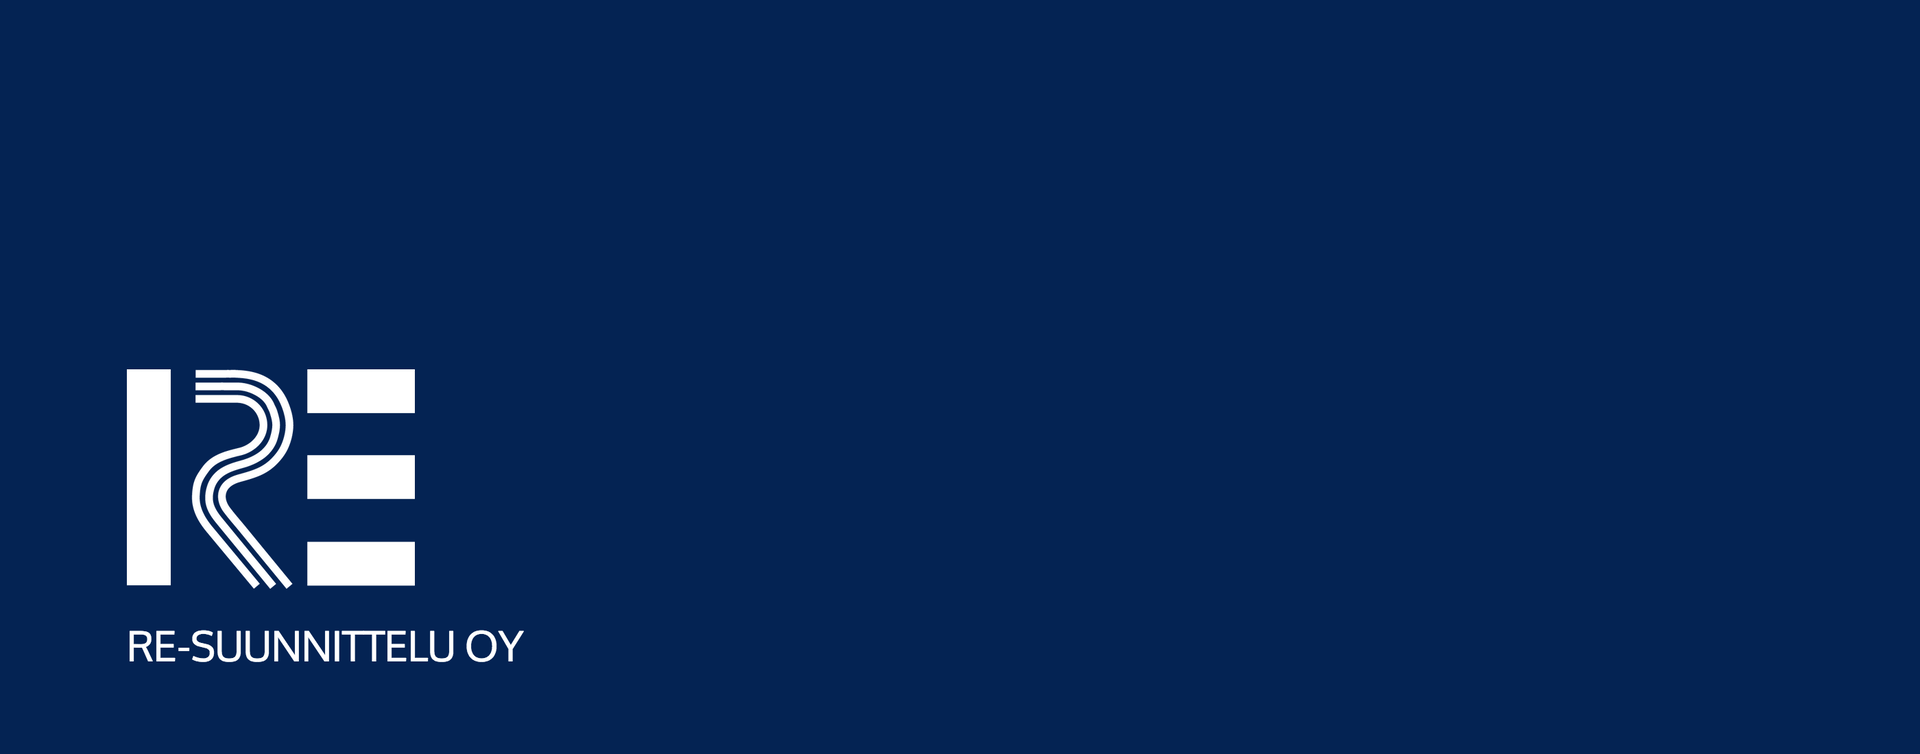 prisma avoimet työpaikat Kannusavoimet työpaikat logistiikka Helsinki